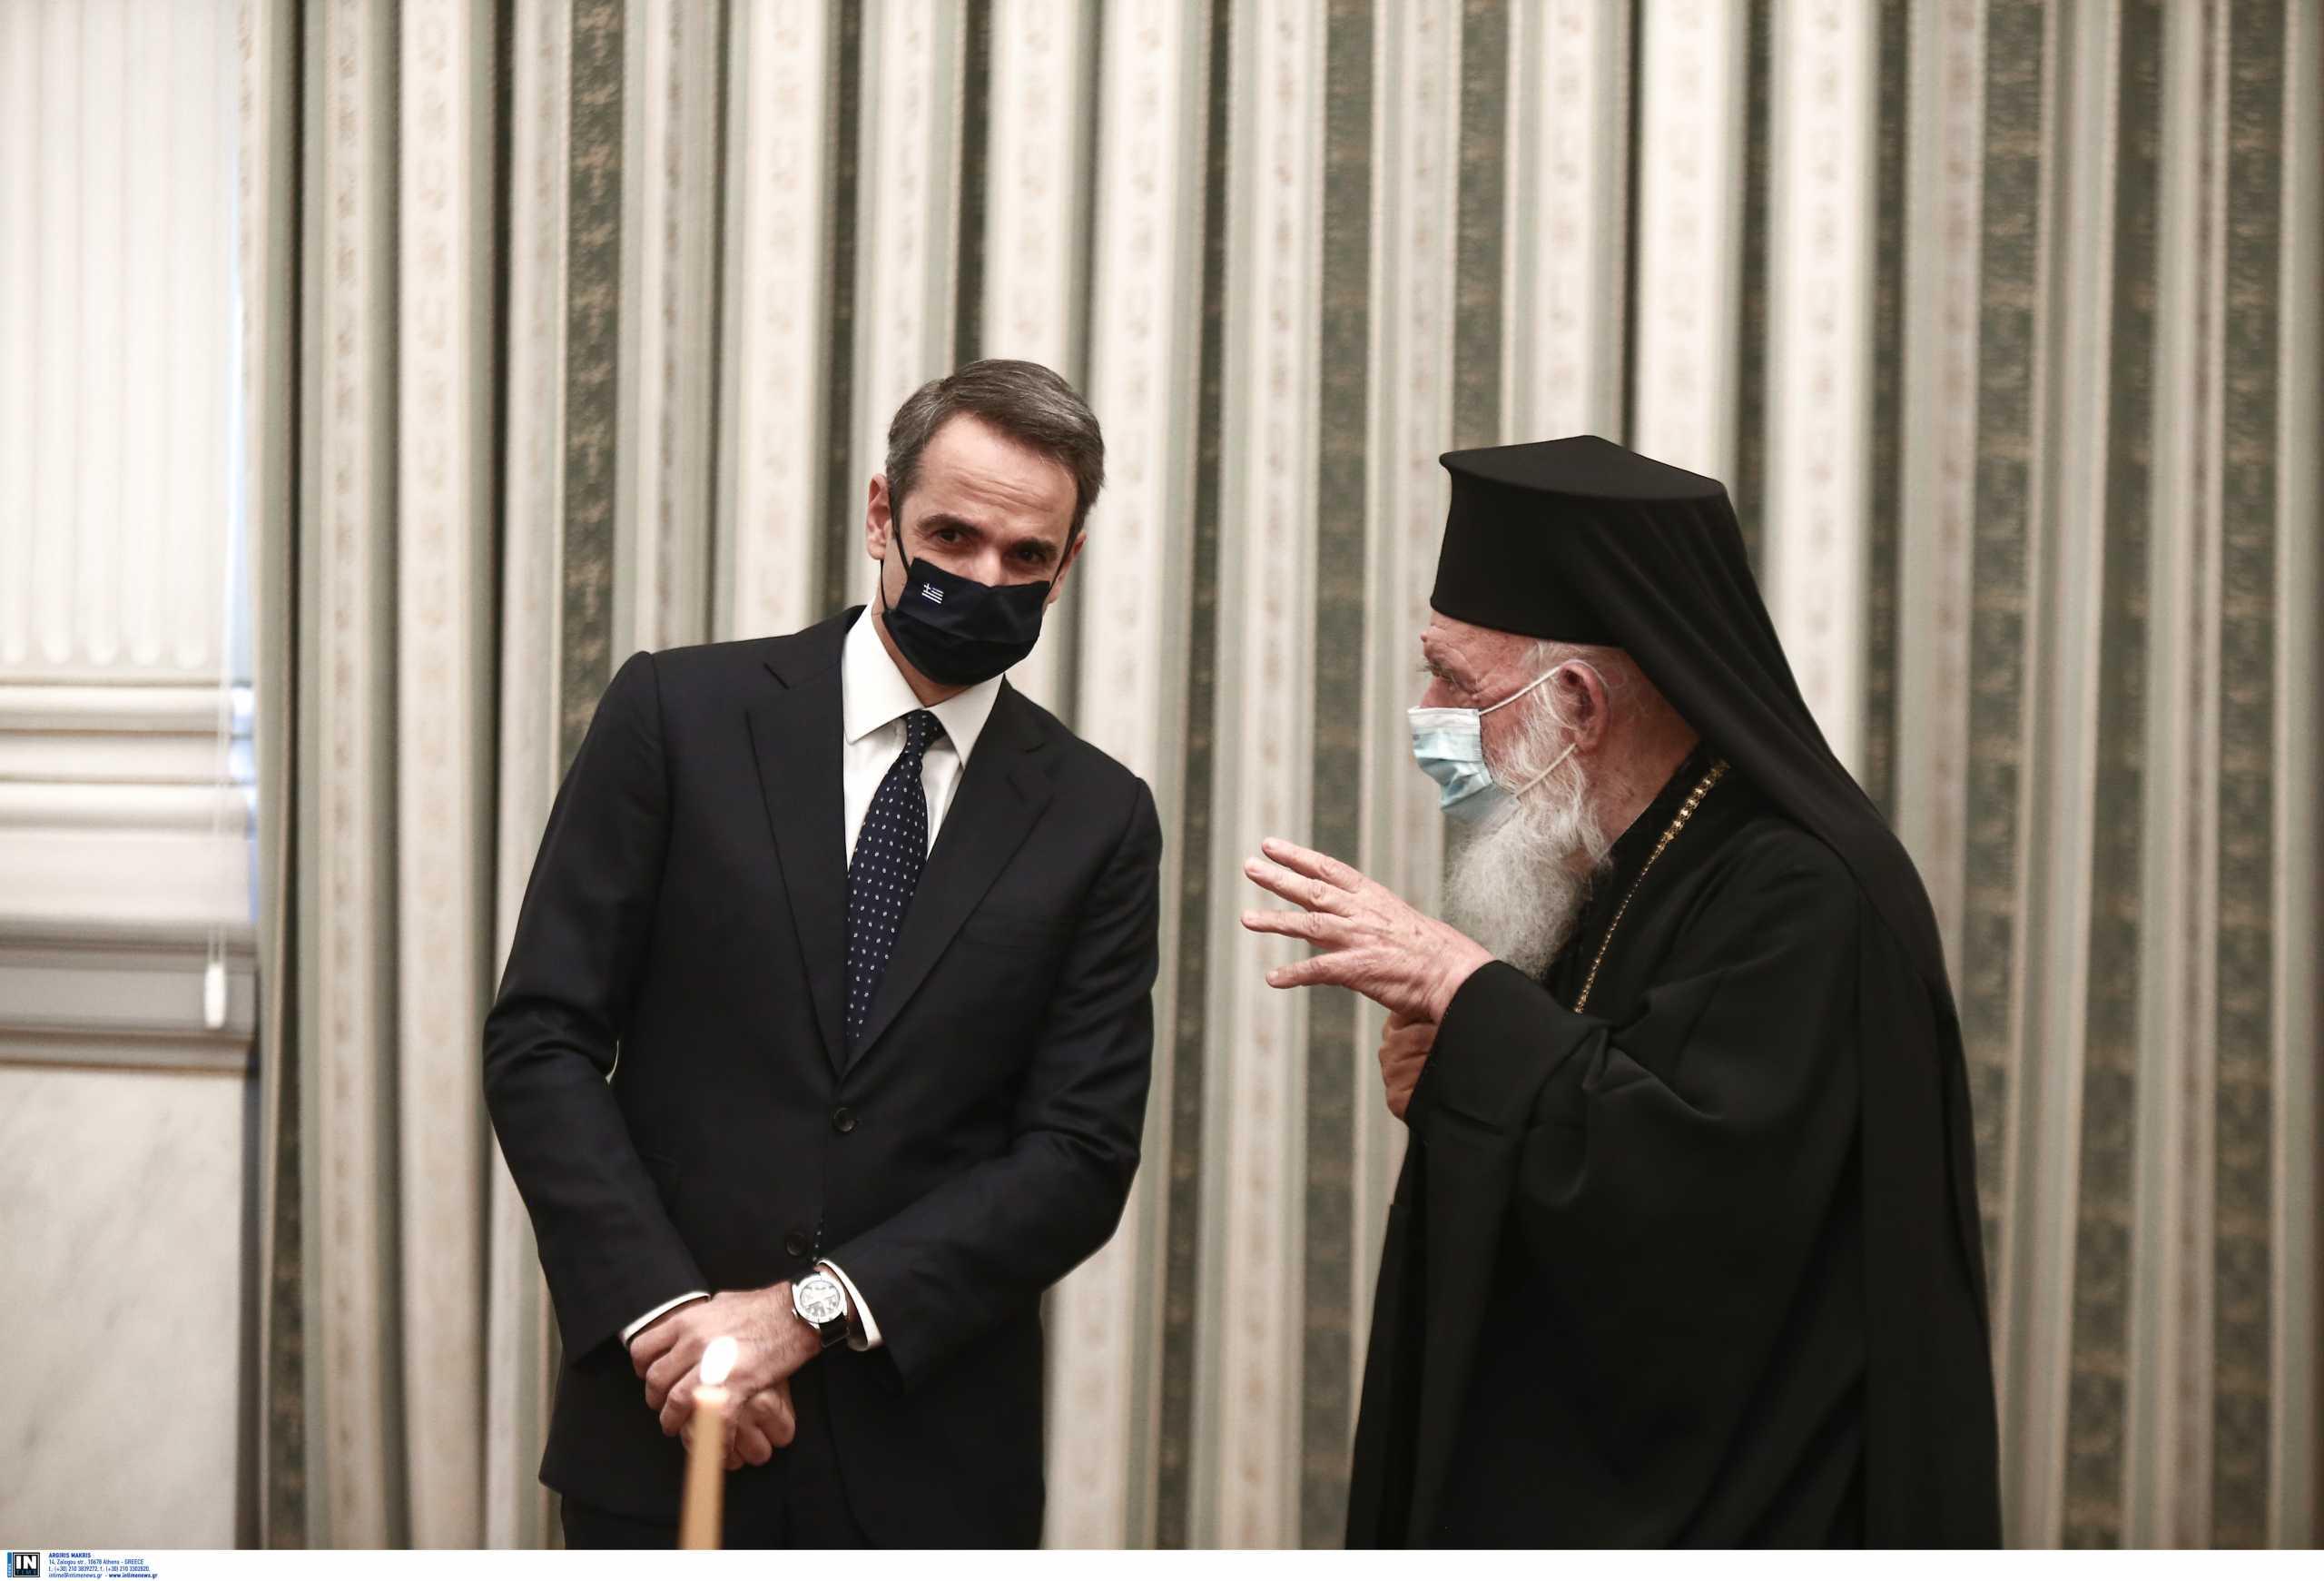 Συνάντηση Μητσοτάκη – Ιερώνυμου: Τι ζήτησε από τον πρωθυπουργό ο Αρχιεπίσκοπος